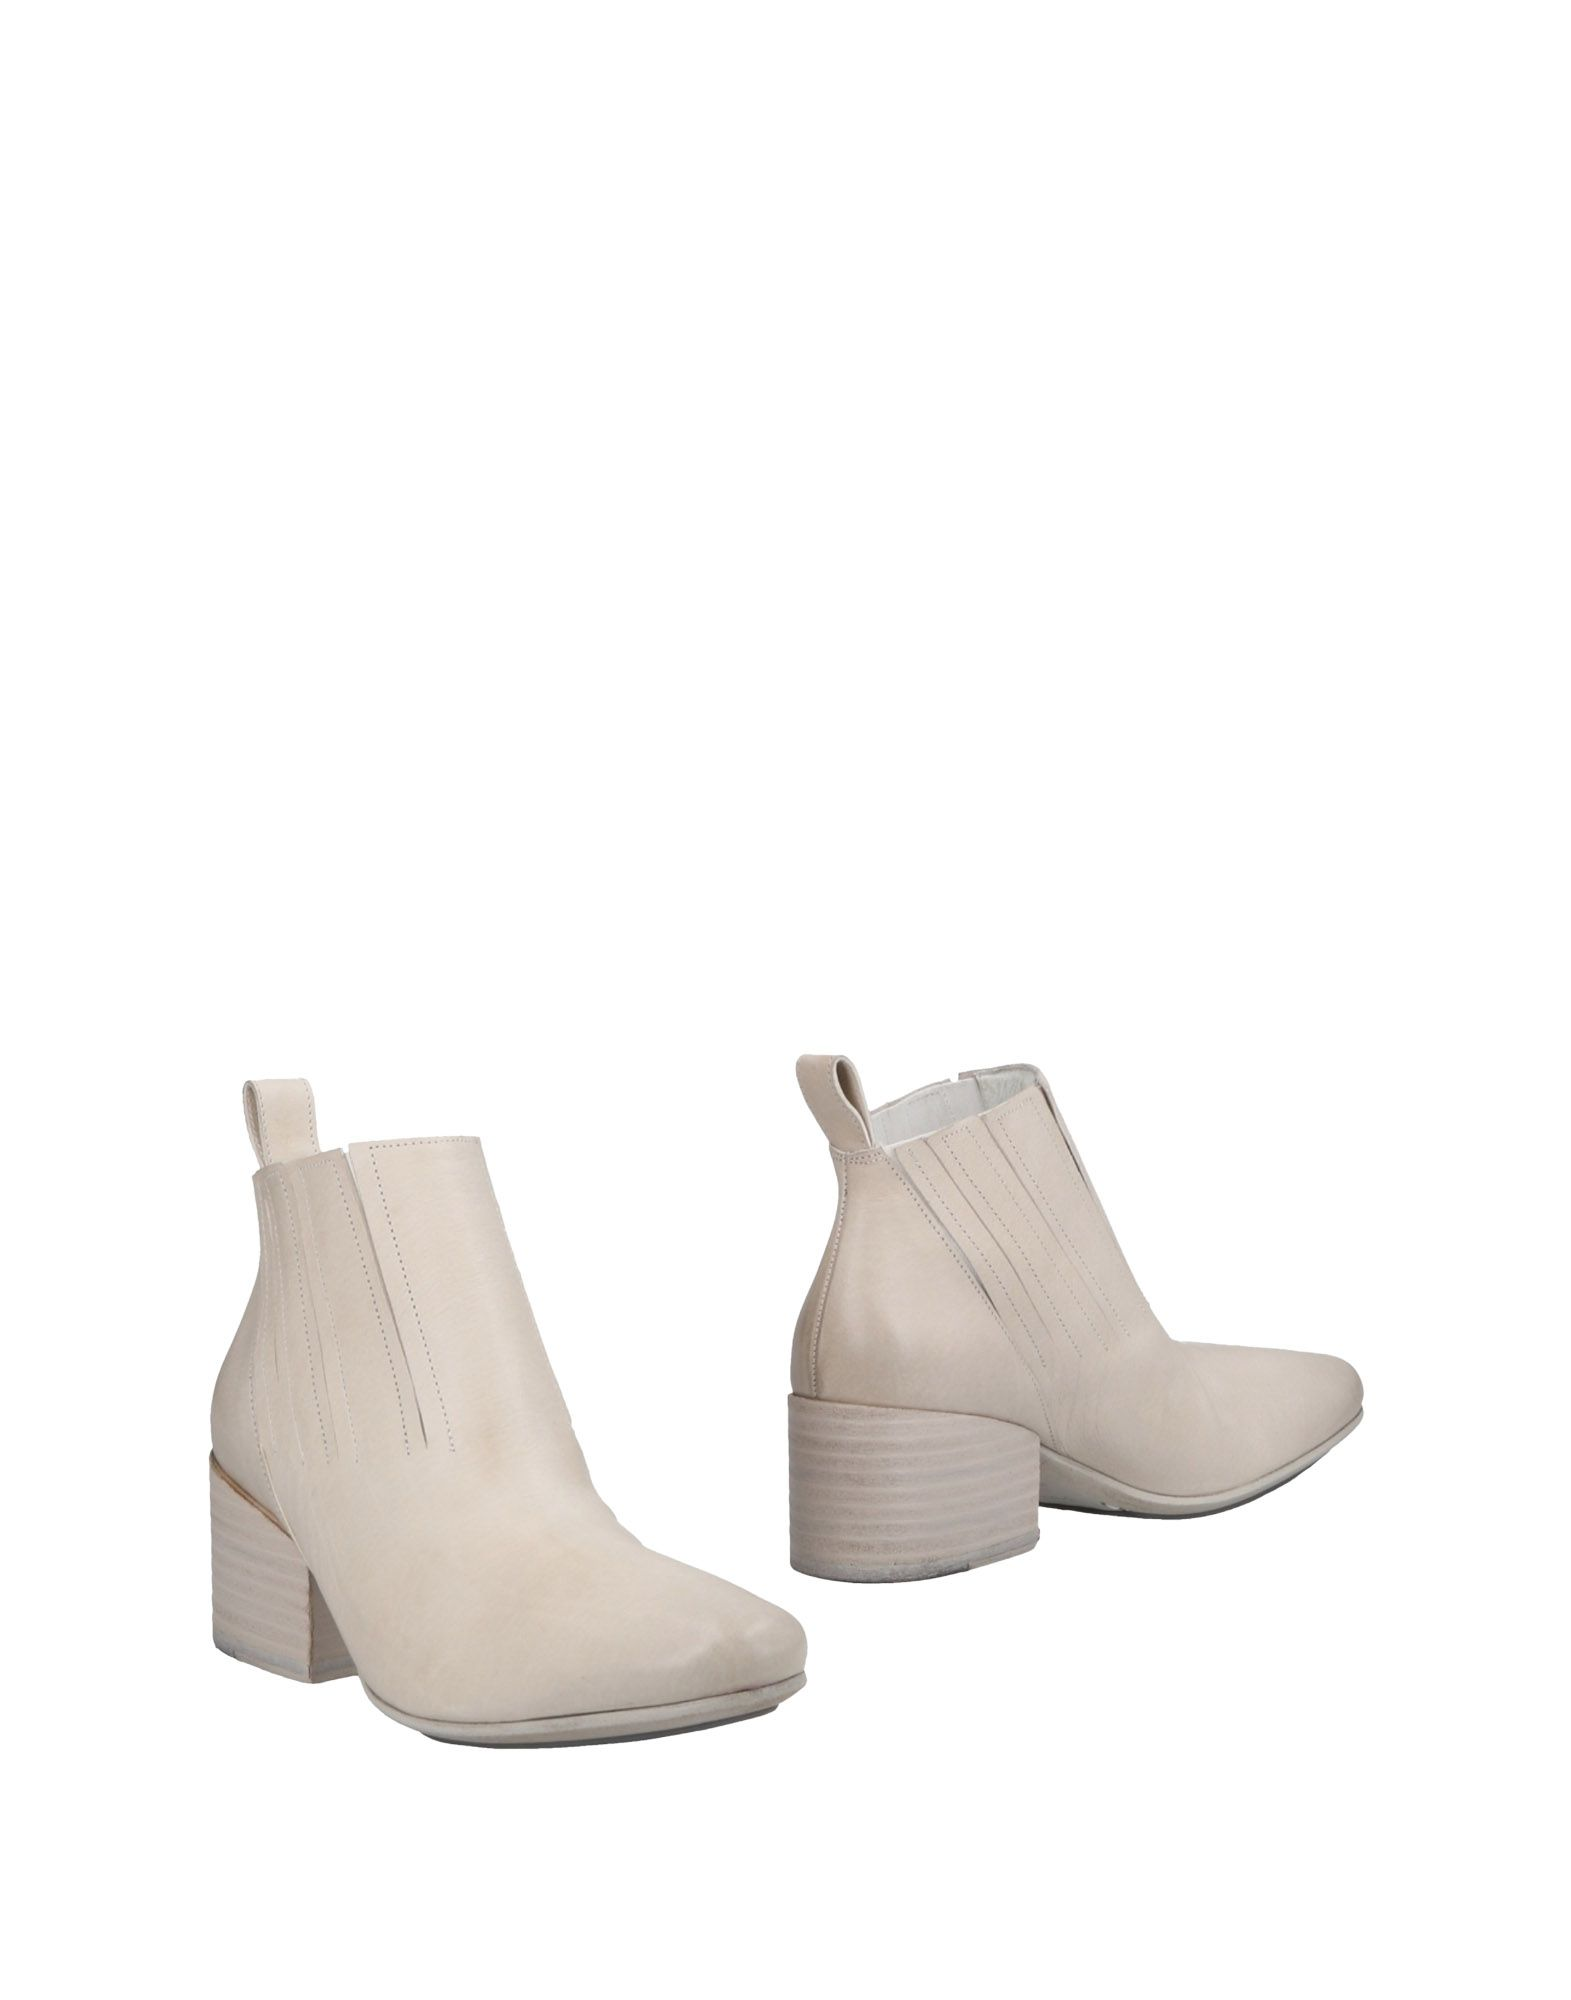 Marsèll Stiefelette Damen gut  11482519TAGünstige gut Damen aussehende Schuhe bf1941